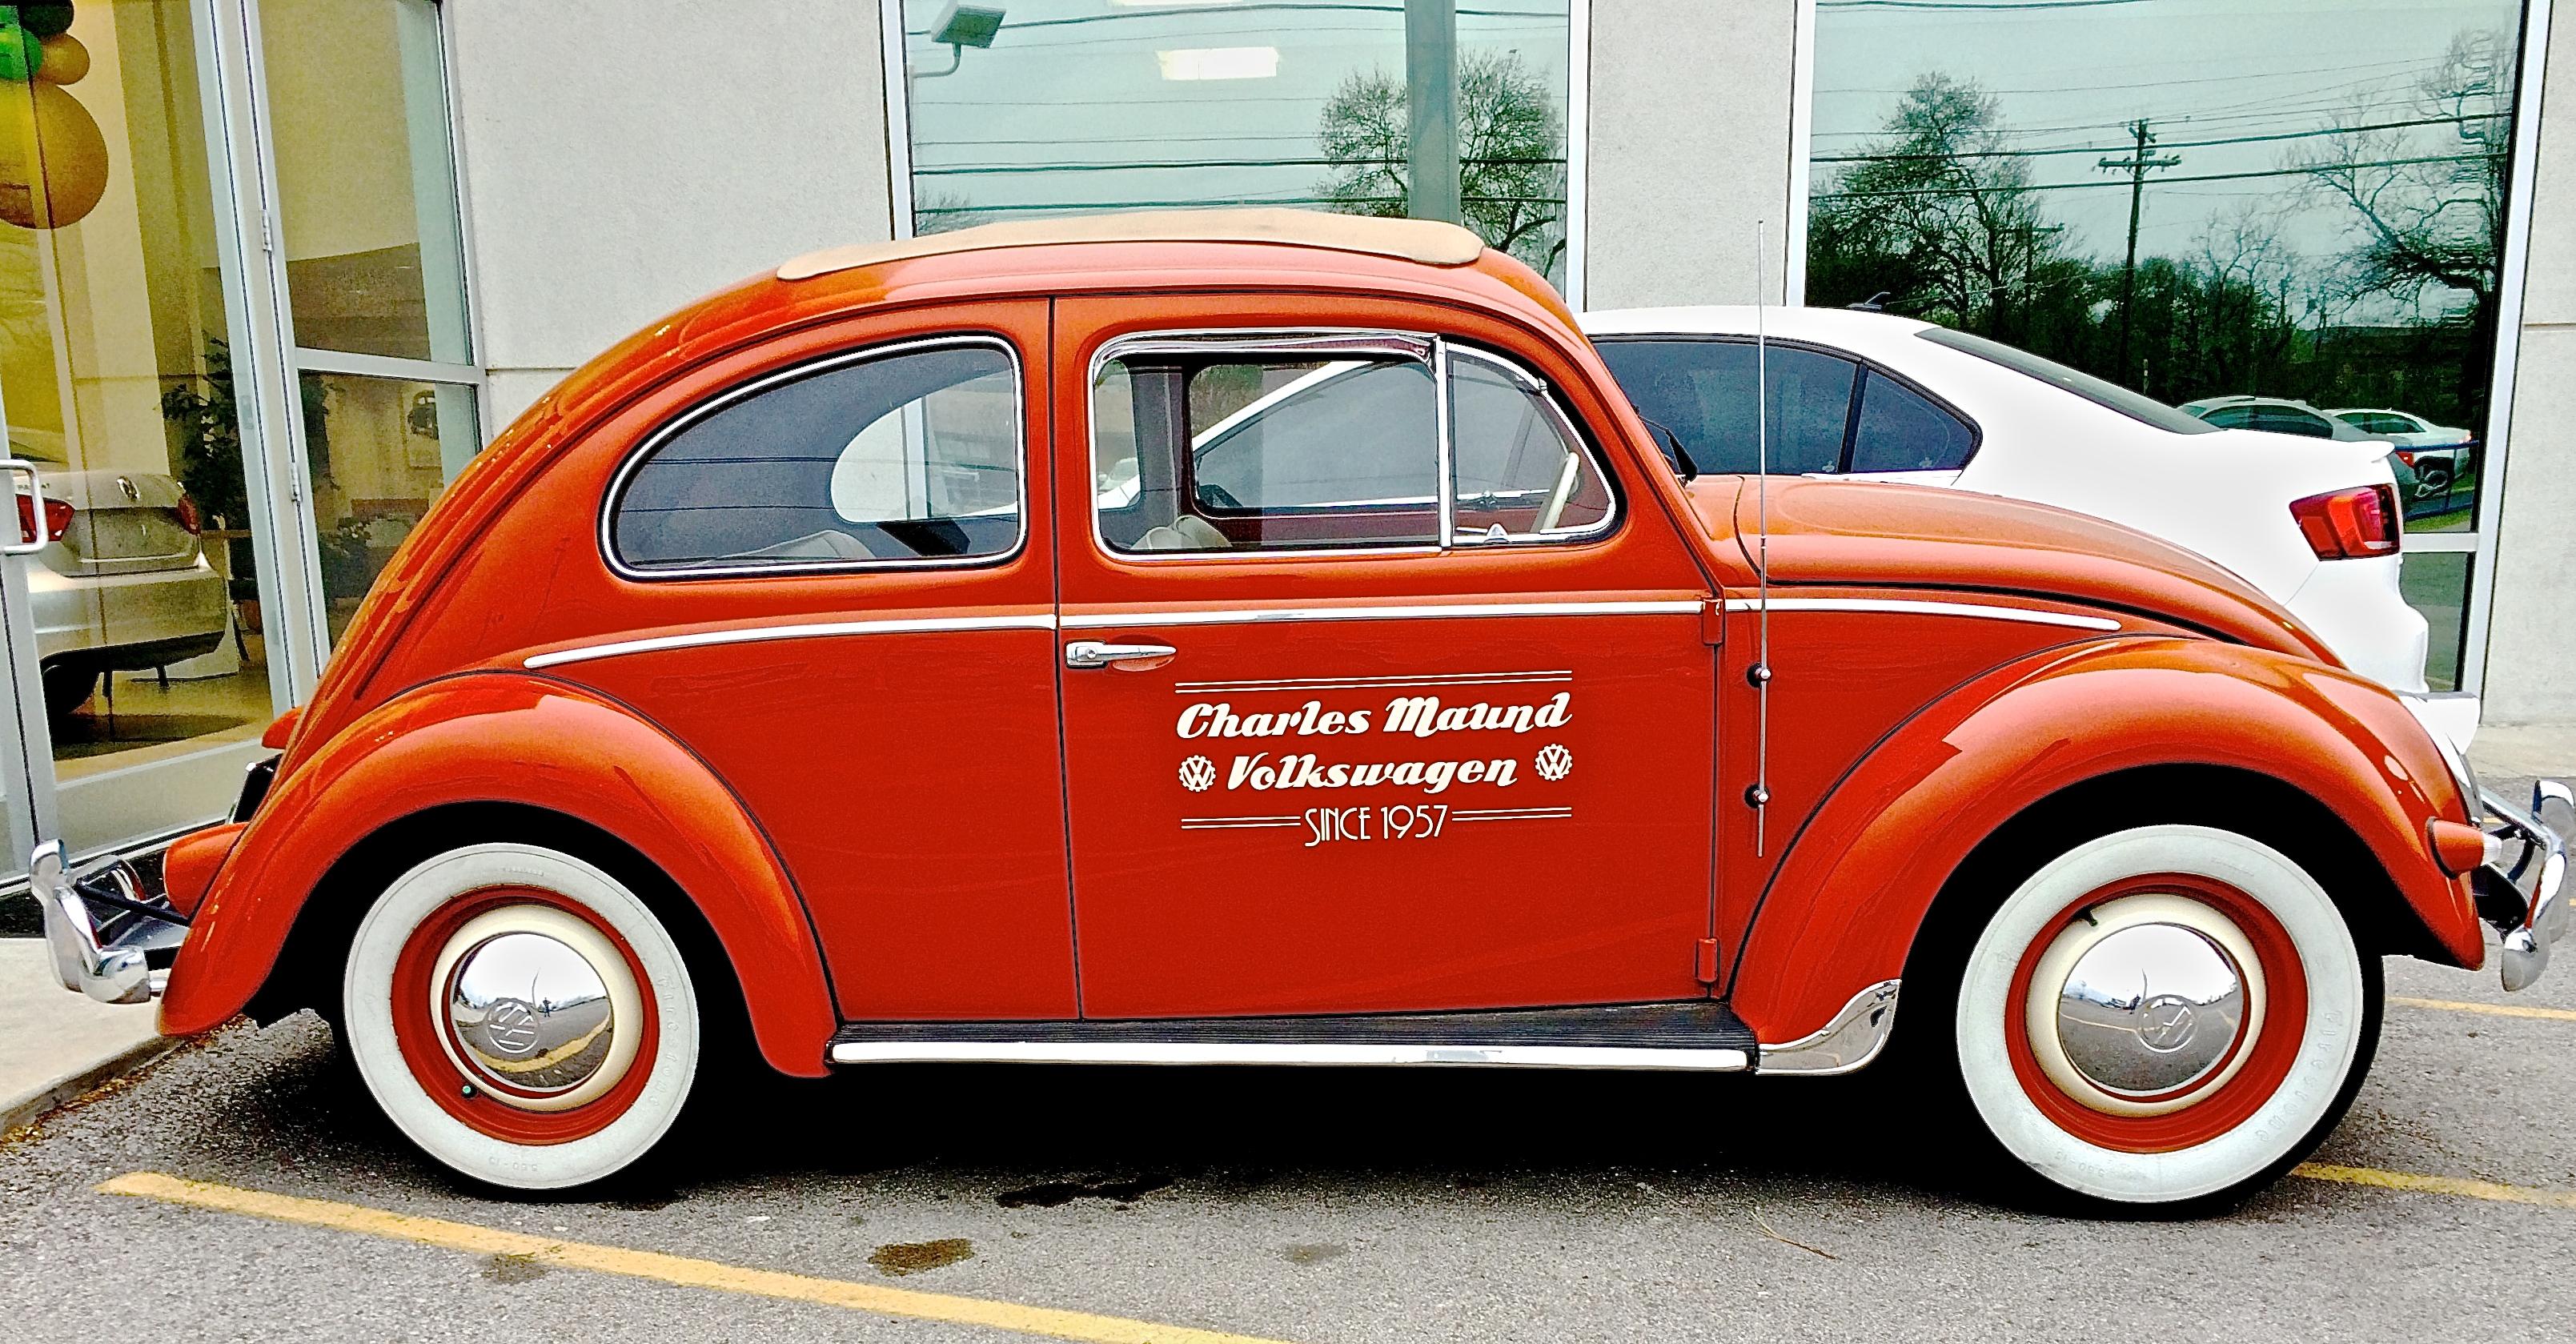 1957 Volkswagen At Charles Maund Dealership On Burnet Road